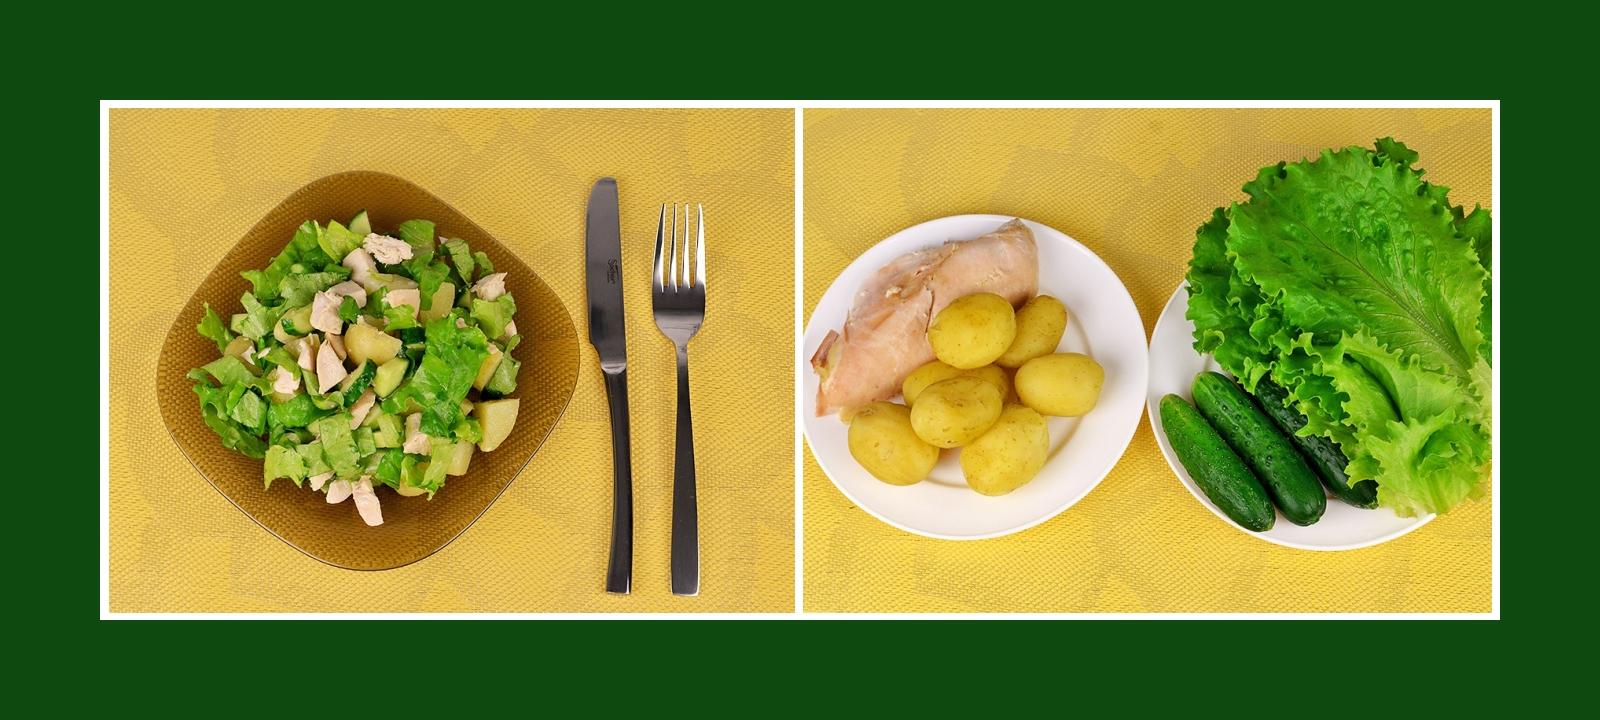 Zarter Kartoffelsalat mit Hähnchenbrustfilet, Gurken und knusprigen Salatblättern